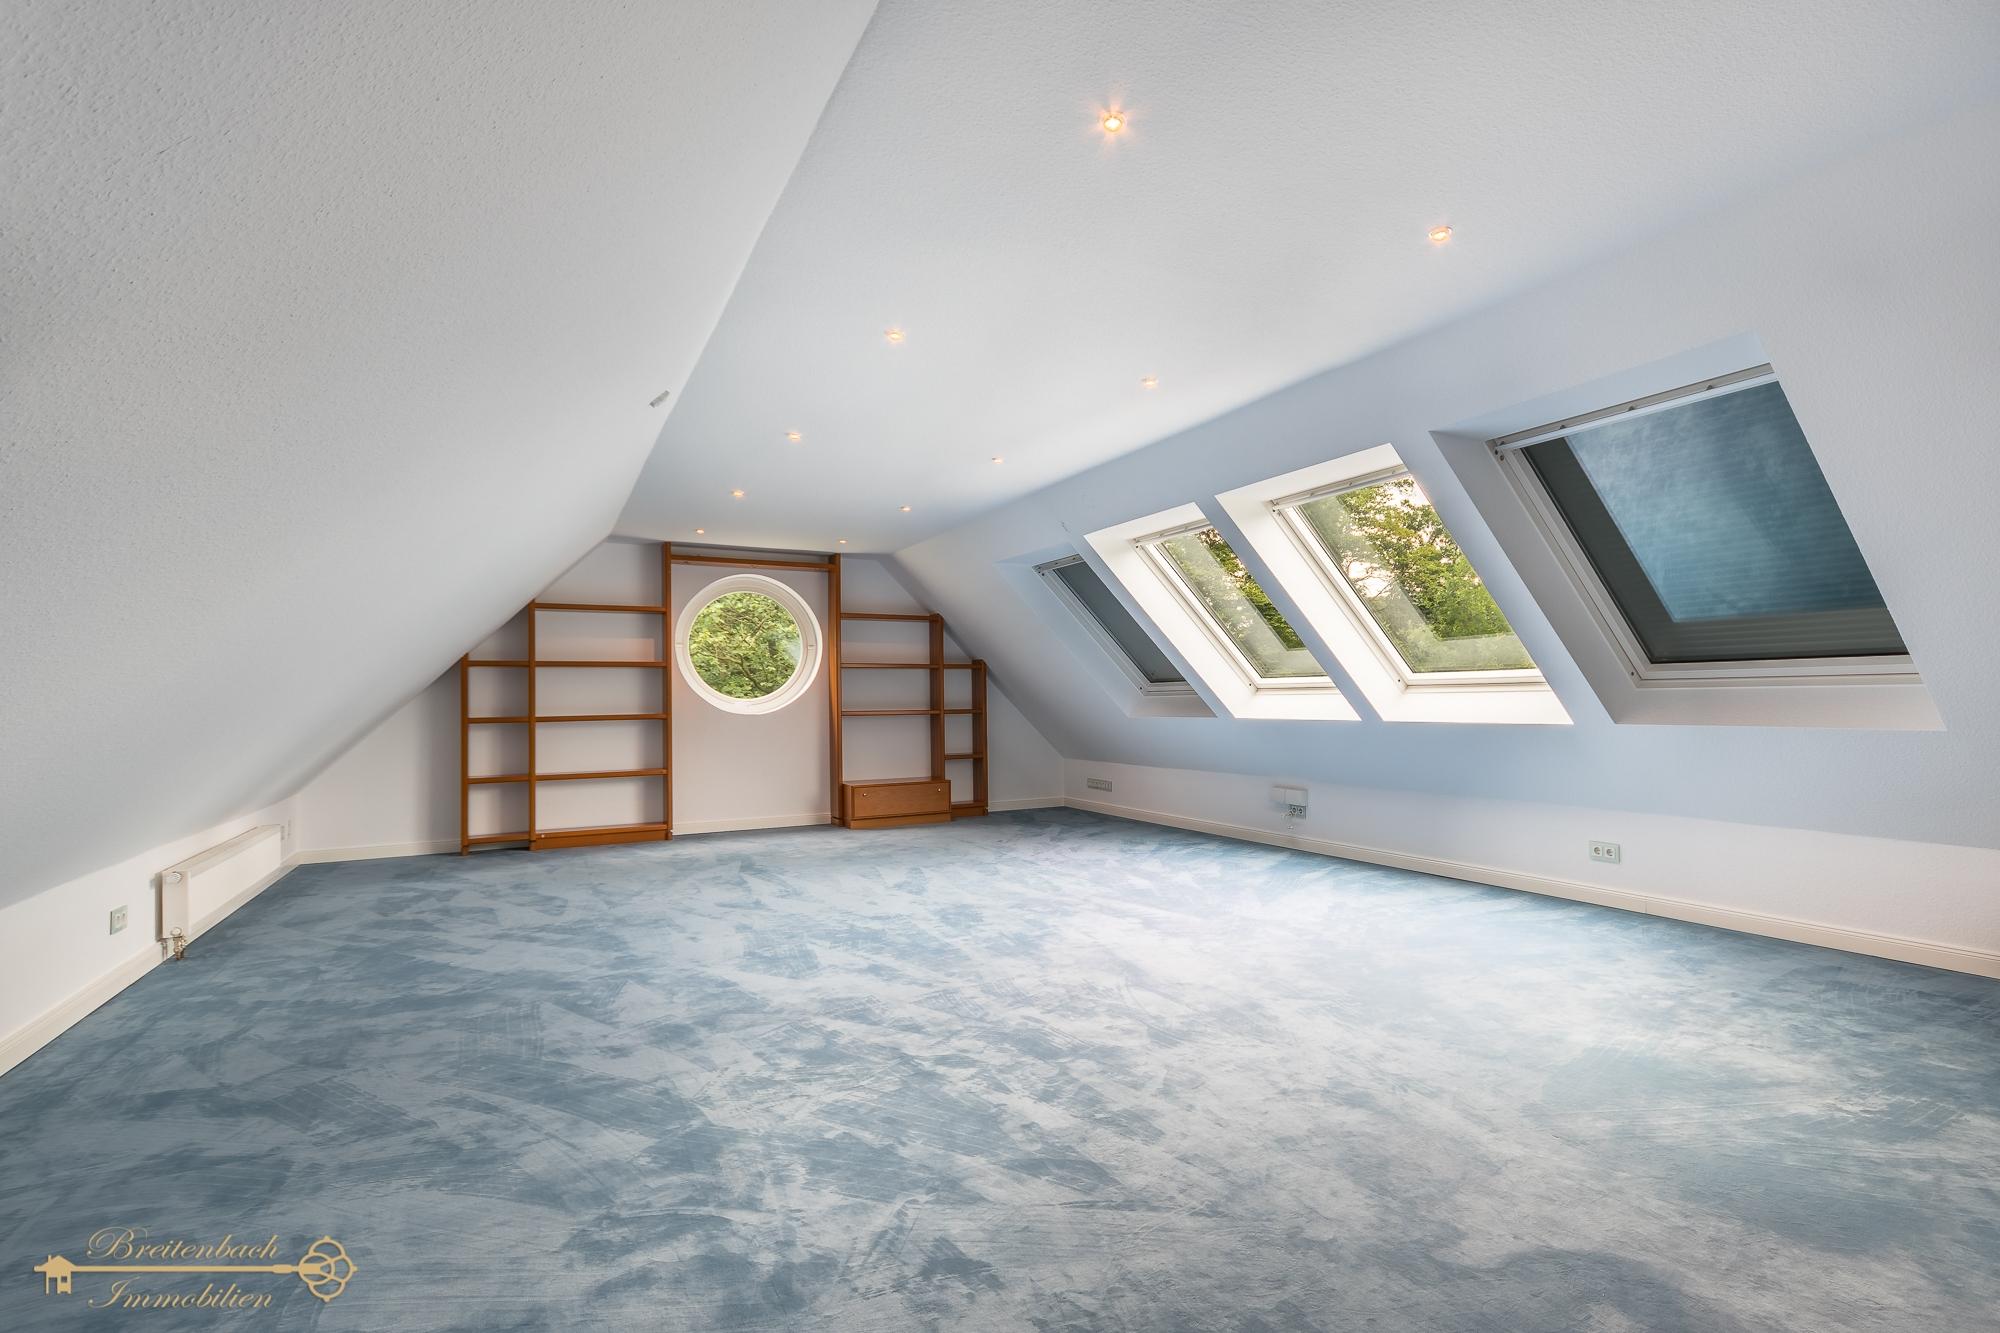 2020-06-24-Breitenbach-Immobilien-29